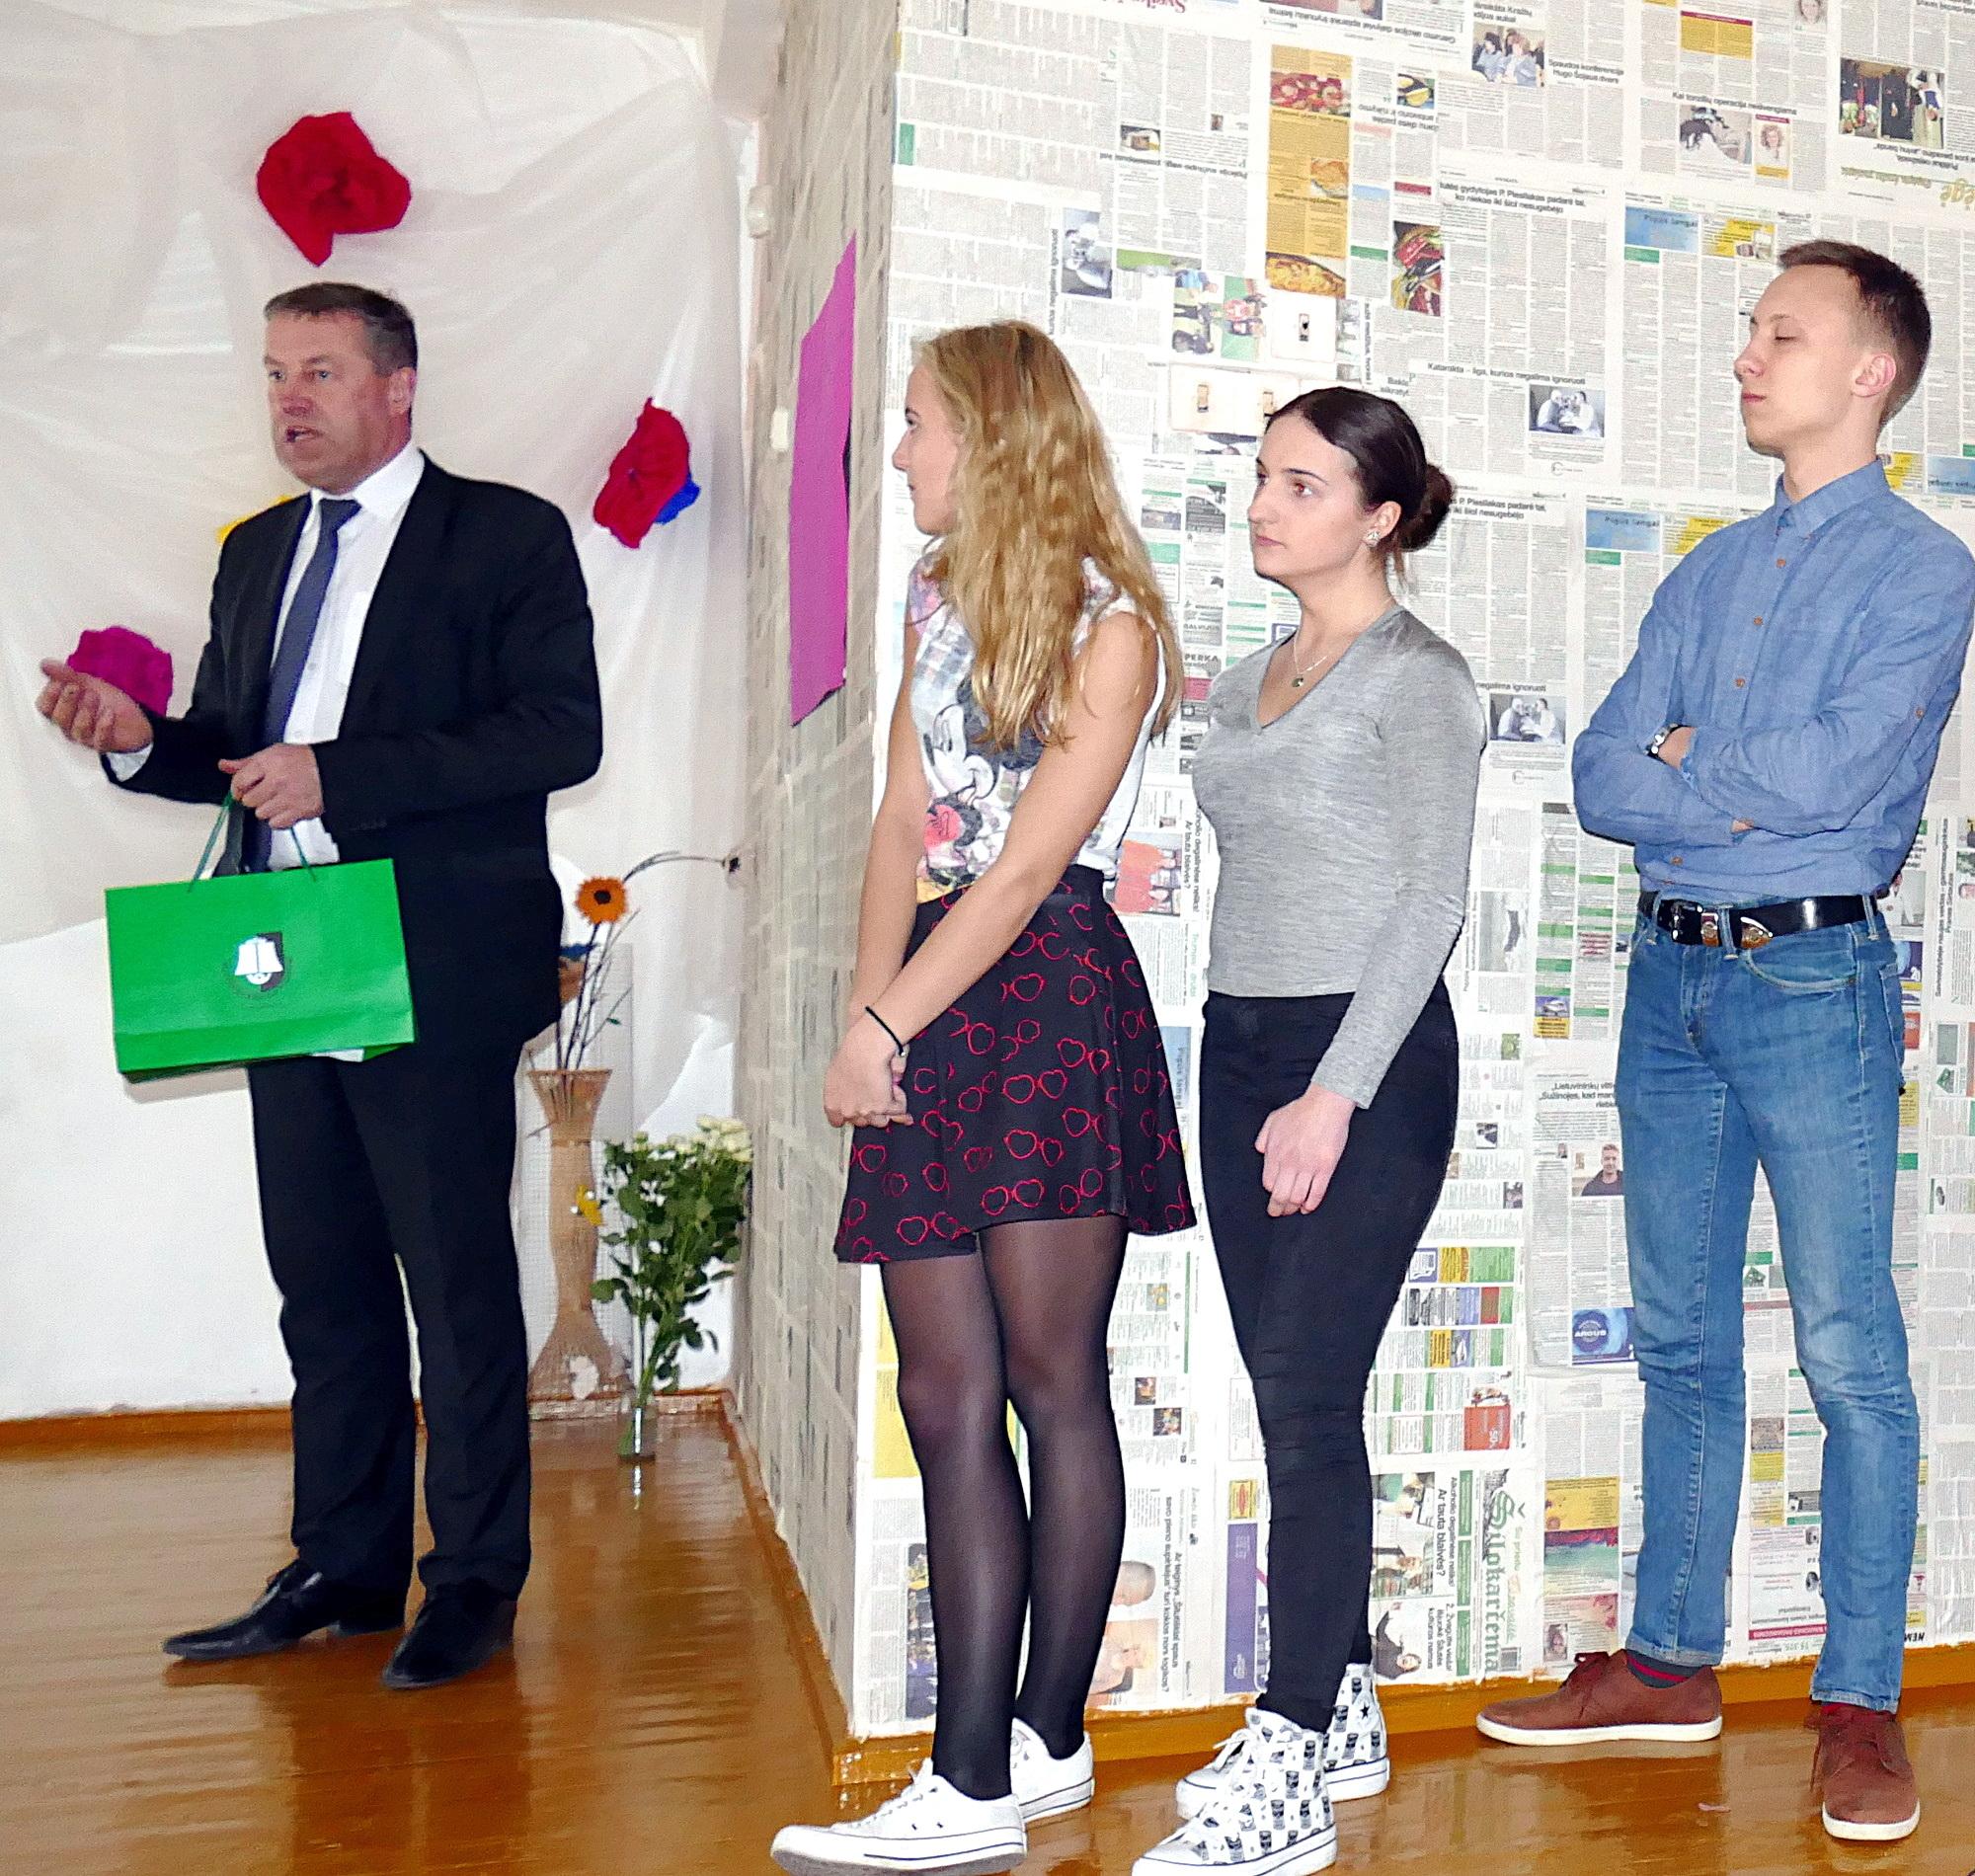 Pasveikinti jaunuolių įkurtuvių proga atvyko Šilutės rajono savivaldybės Administracijos direktoriaus pavaduotojas Virgilijus Pozingis.